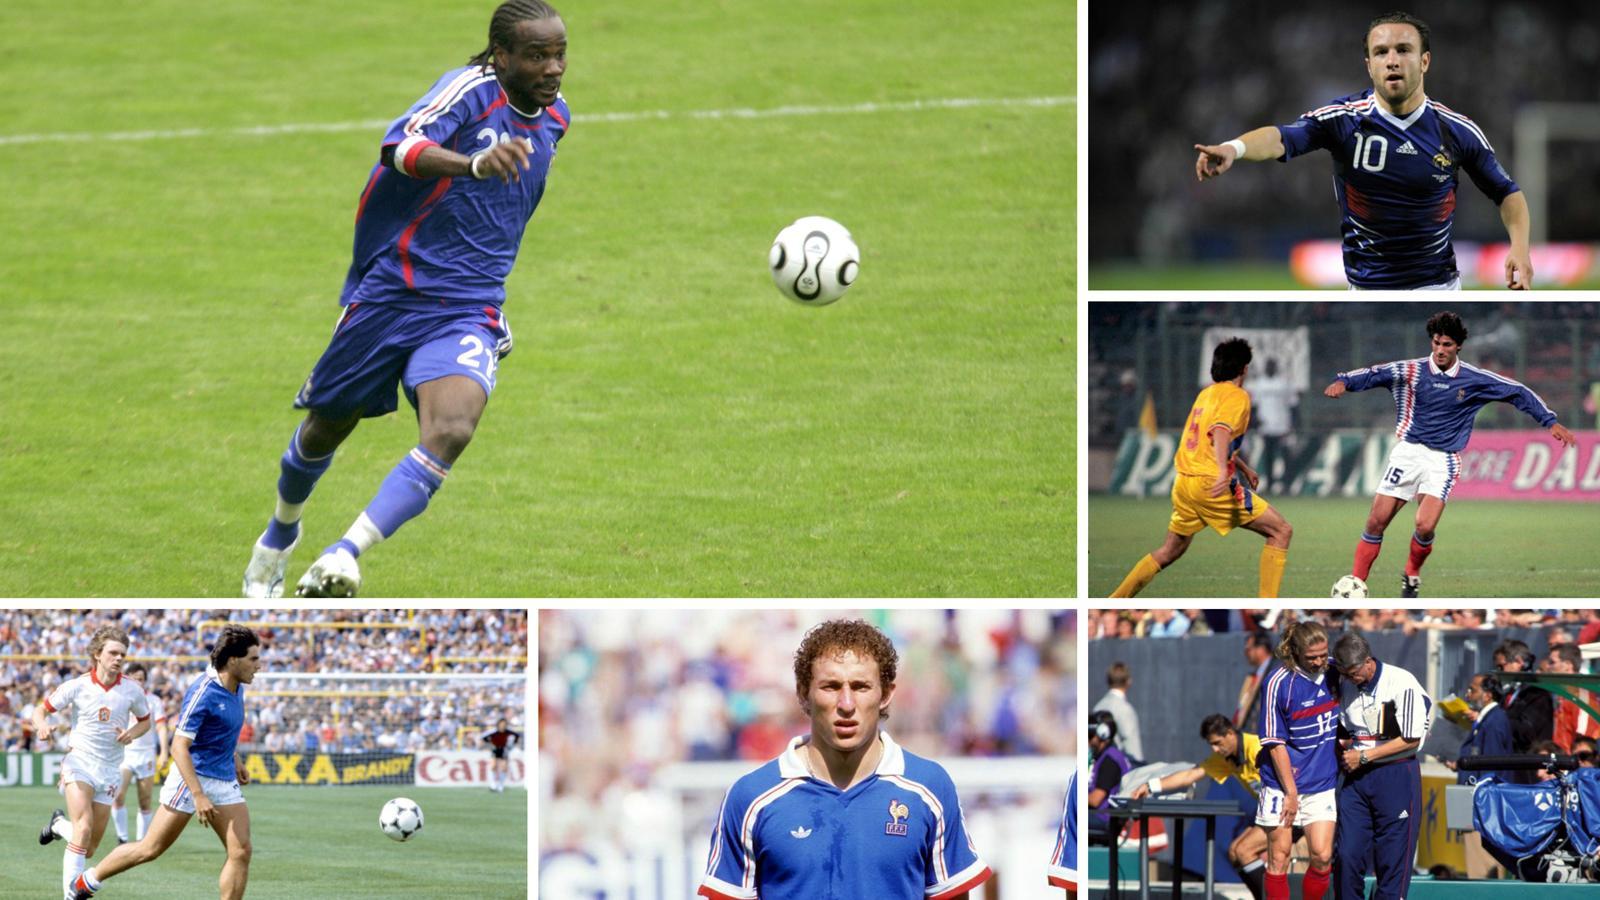 Coupe du monde equipe de france qui sera le chimbonda de 2014 coupe du monde 2014 - Classement equipe de france coupe du monde 2014 ...